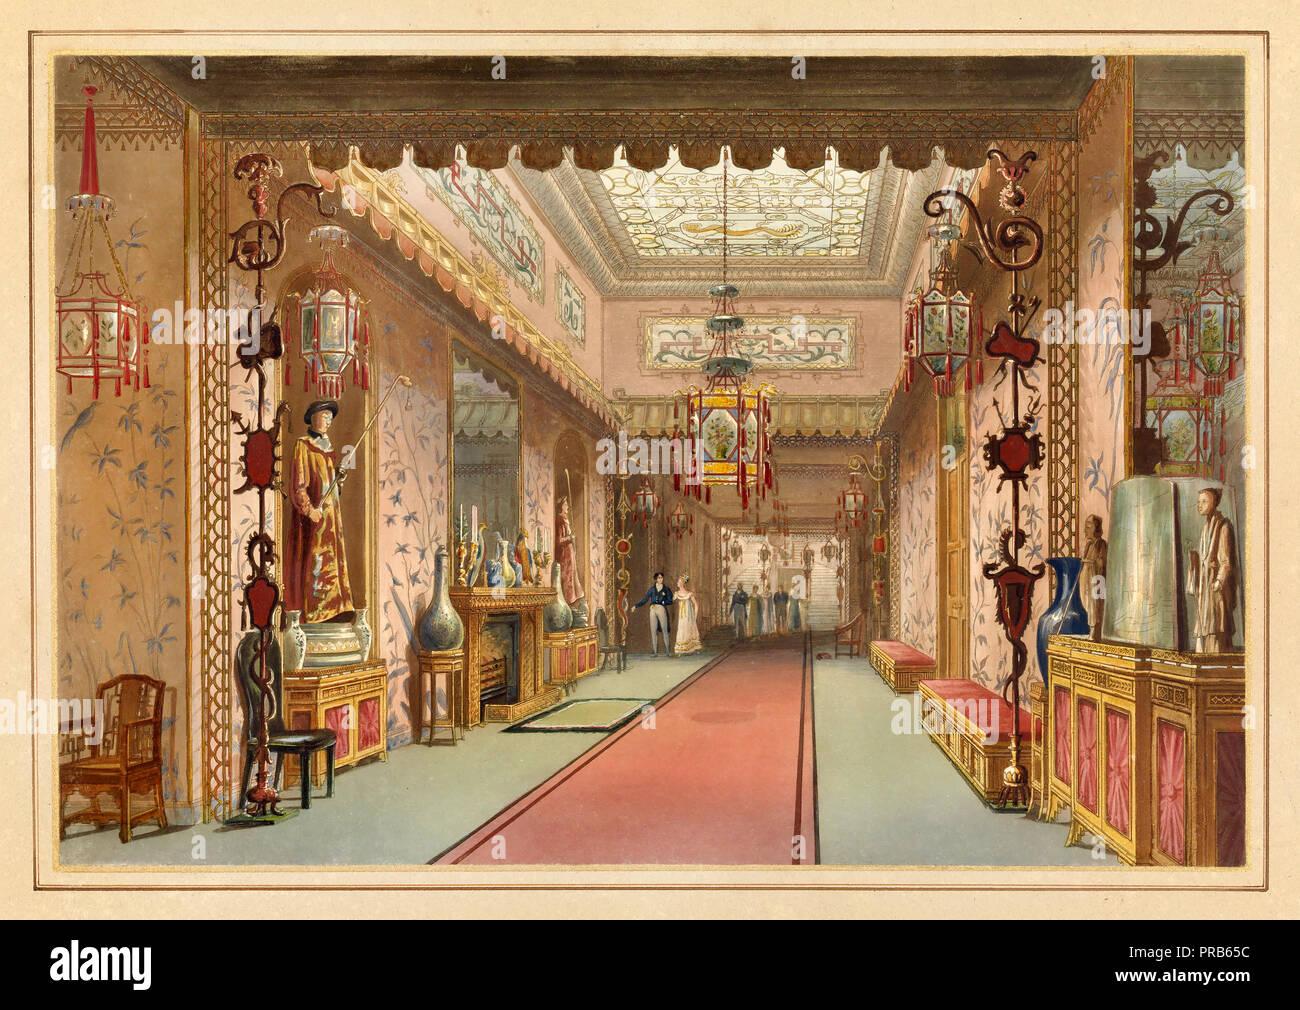 John Nash, Chinesisch Galerie, wie es war, Platte XV in Illustrationen von Her Majesty's Palace in Brighton, 1820 Radierung und Aquatinta, Pinsel und Wasserfarben, Stockbild